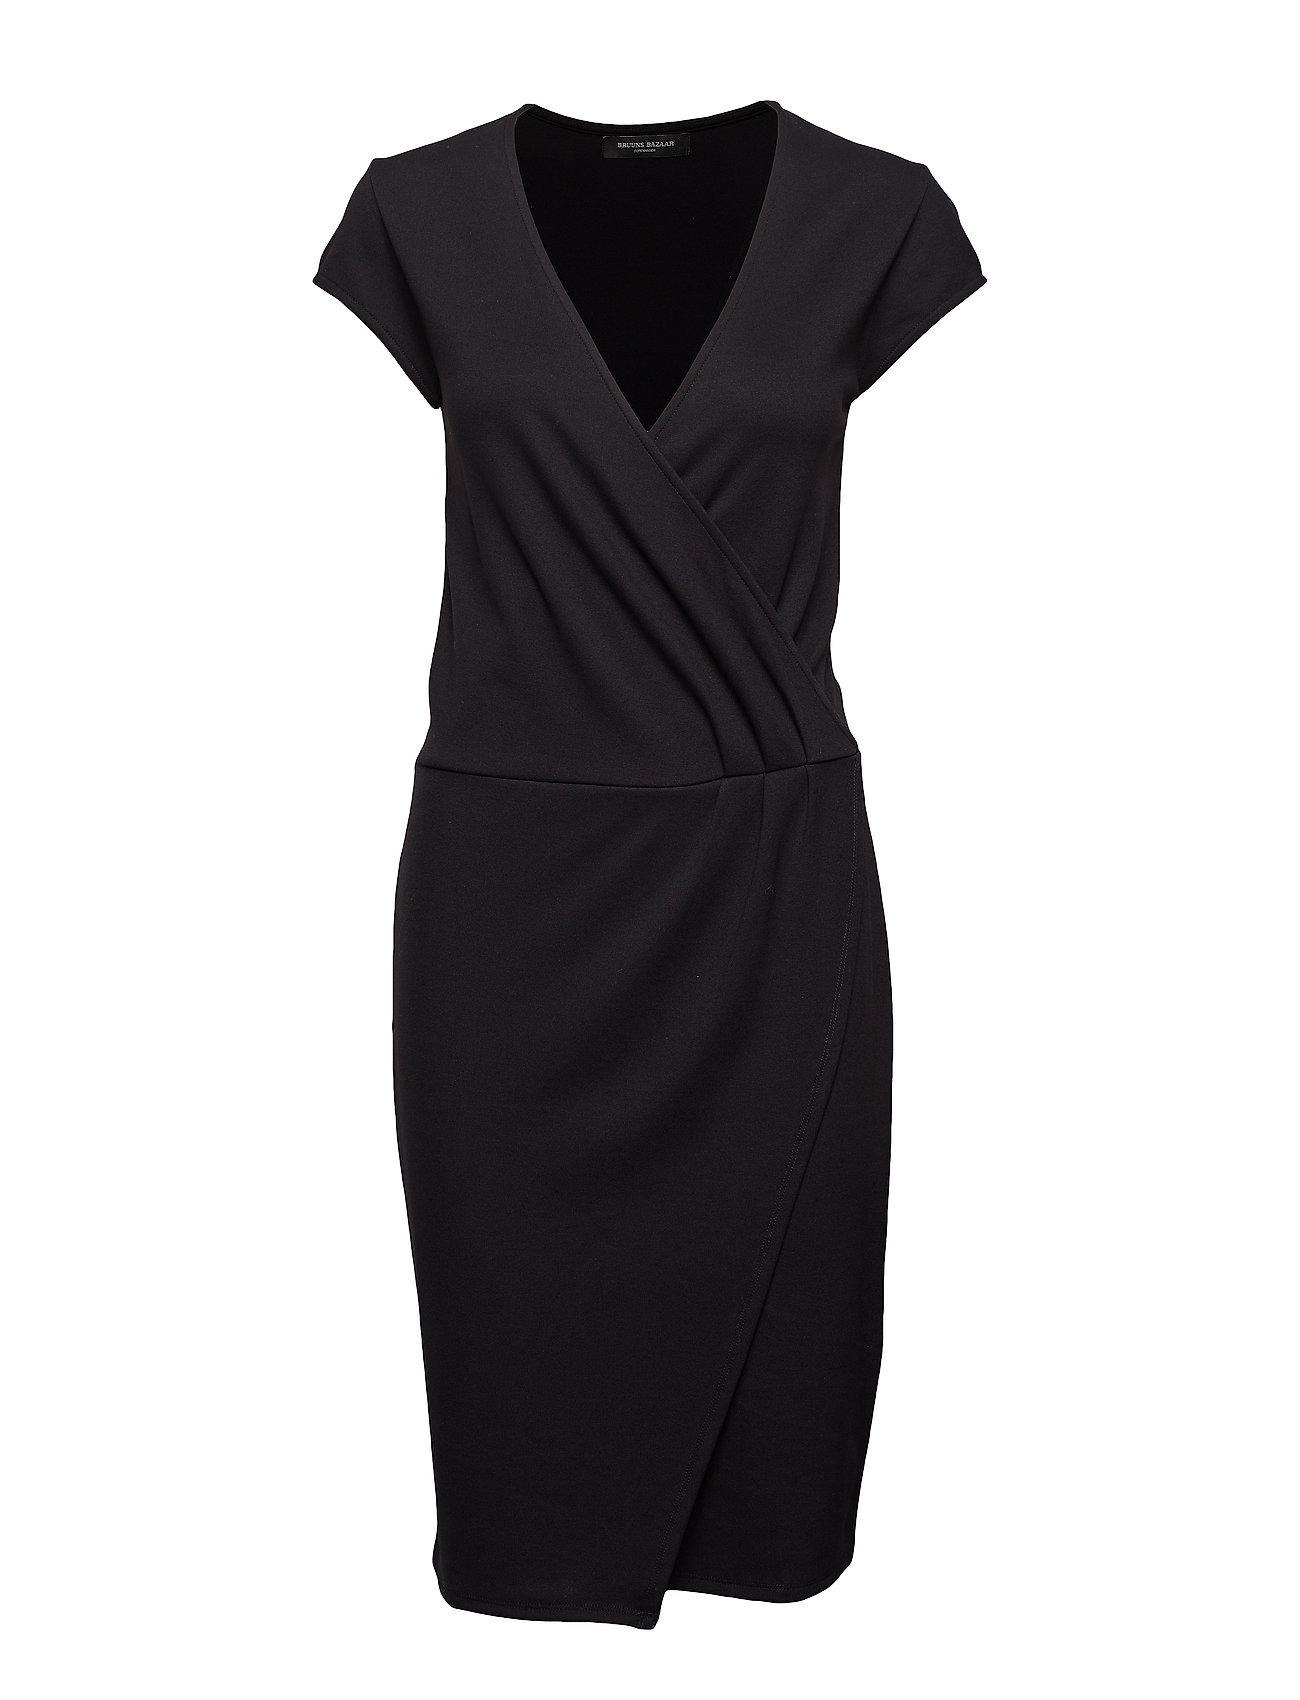 Bruuns Bazaar Tami Rosie Dress - BLACK